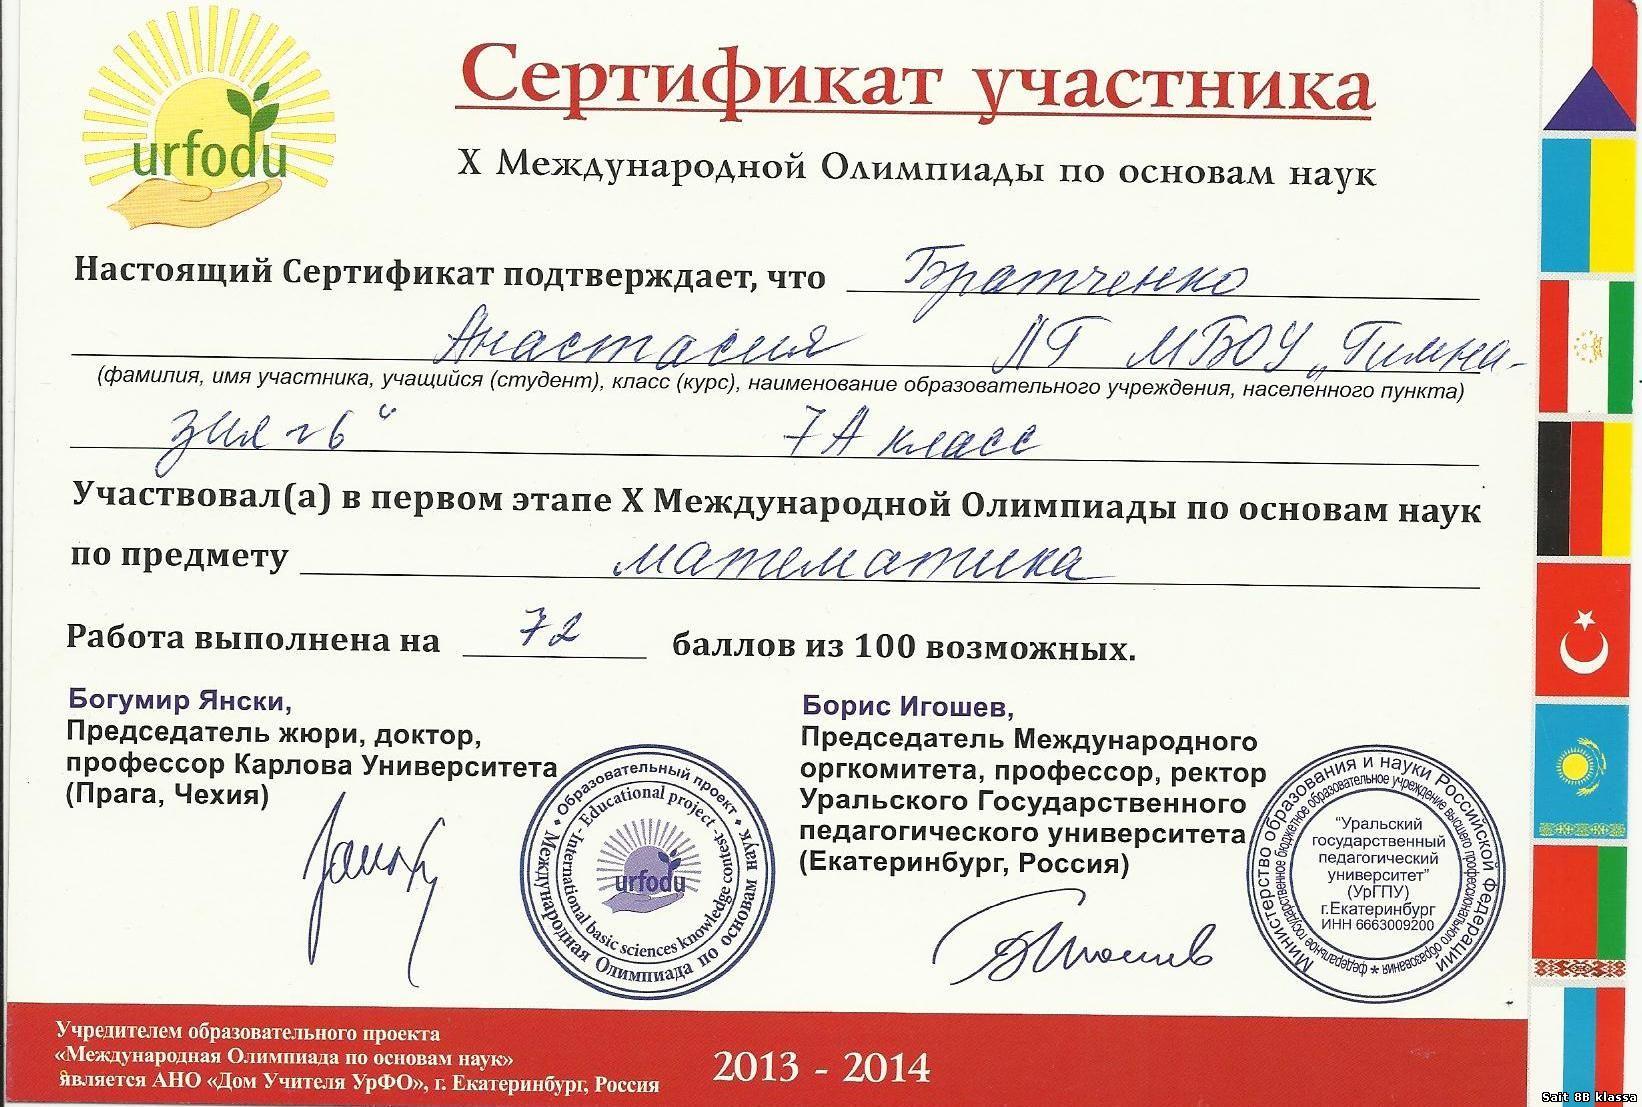 Сертификат участника 2 этапа международной олимпиады по основам наук